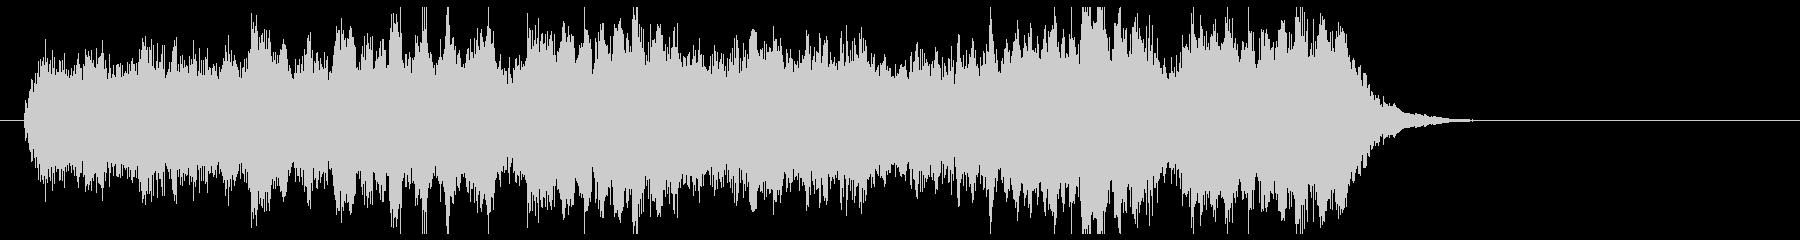 クイズの正解音風ロングバージョンジングルの未再生の波形